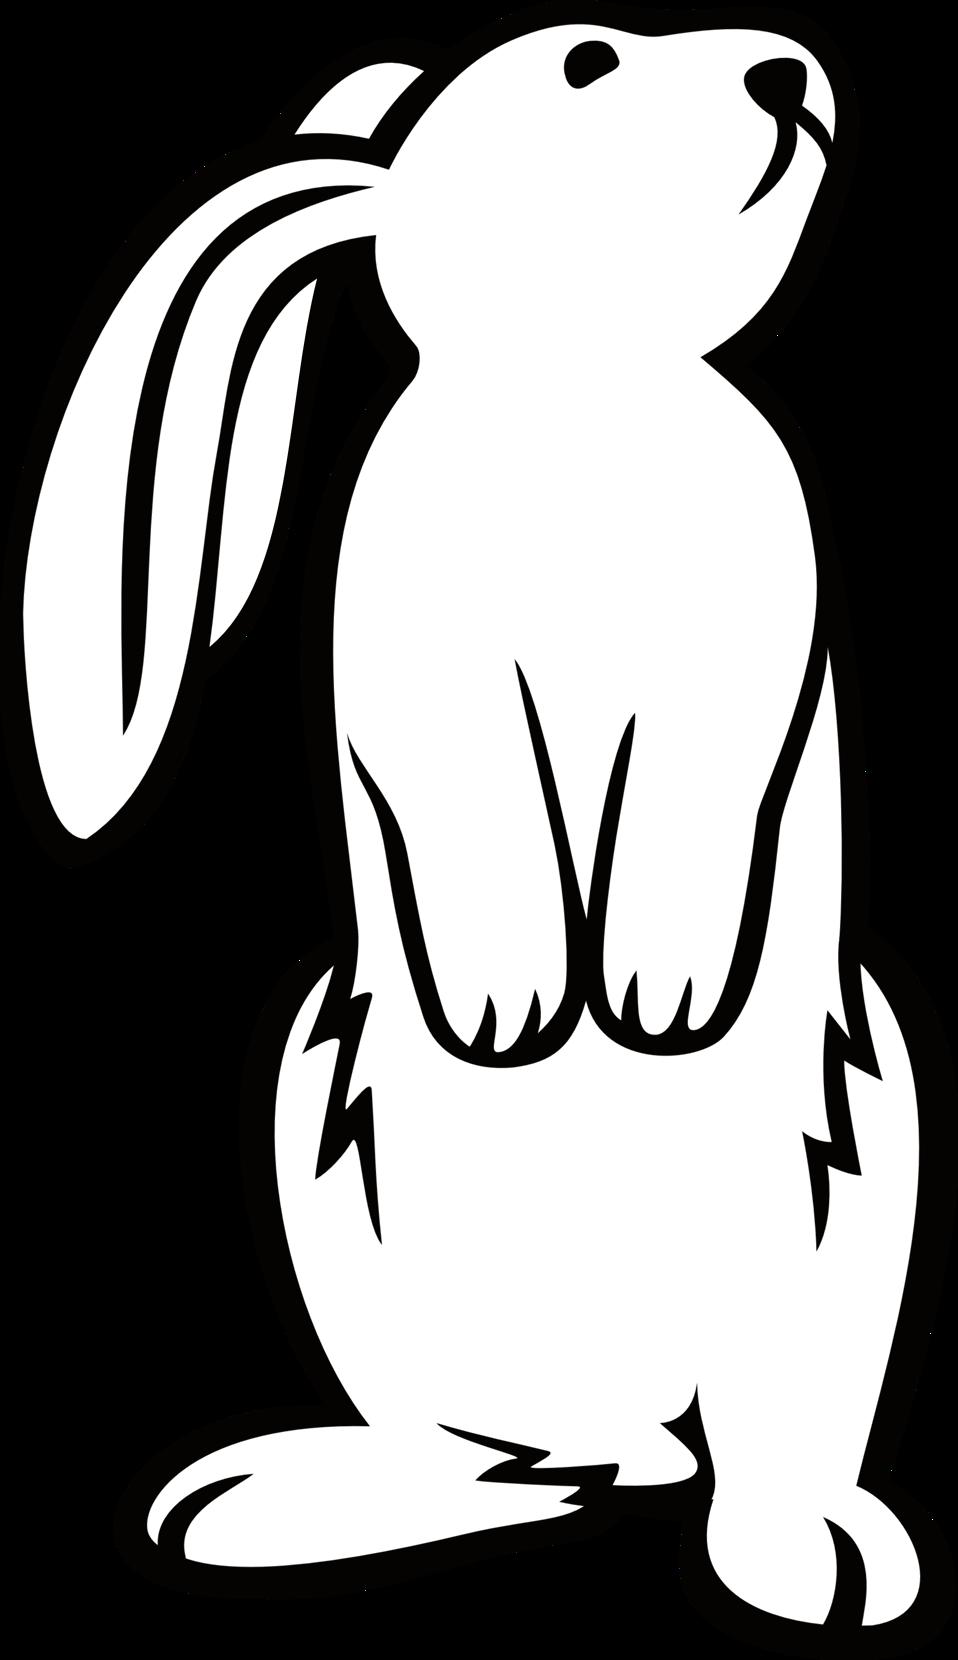 Clipart bunny line art. Public domain clip image